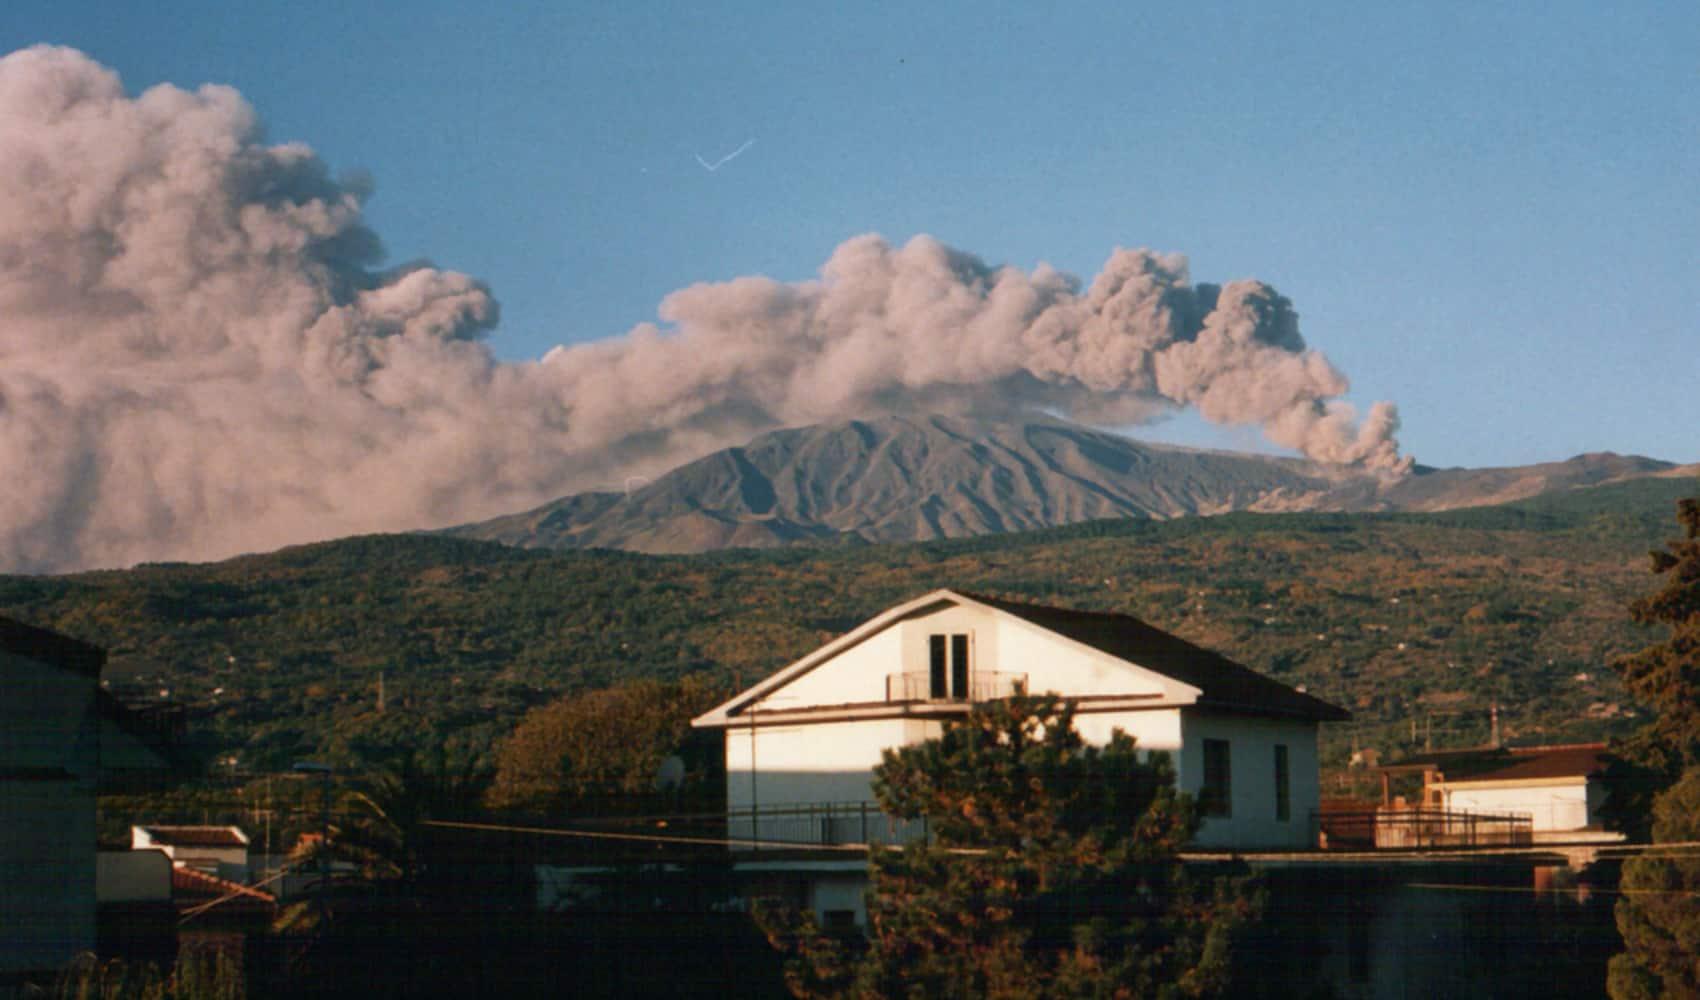 cratere eruzione 2002 piano provenzana storia